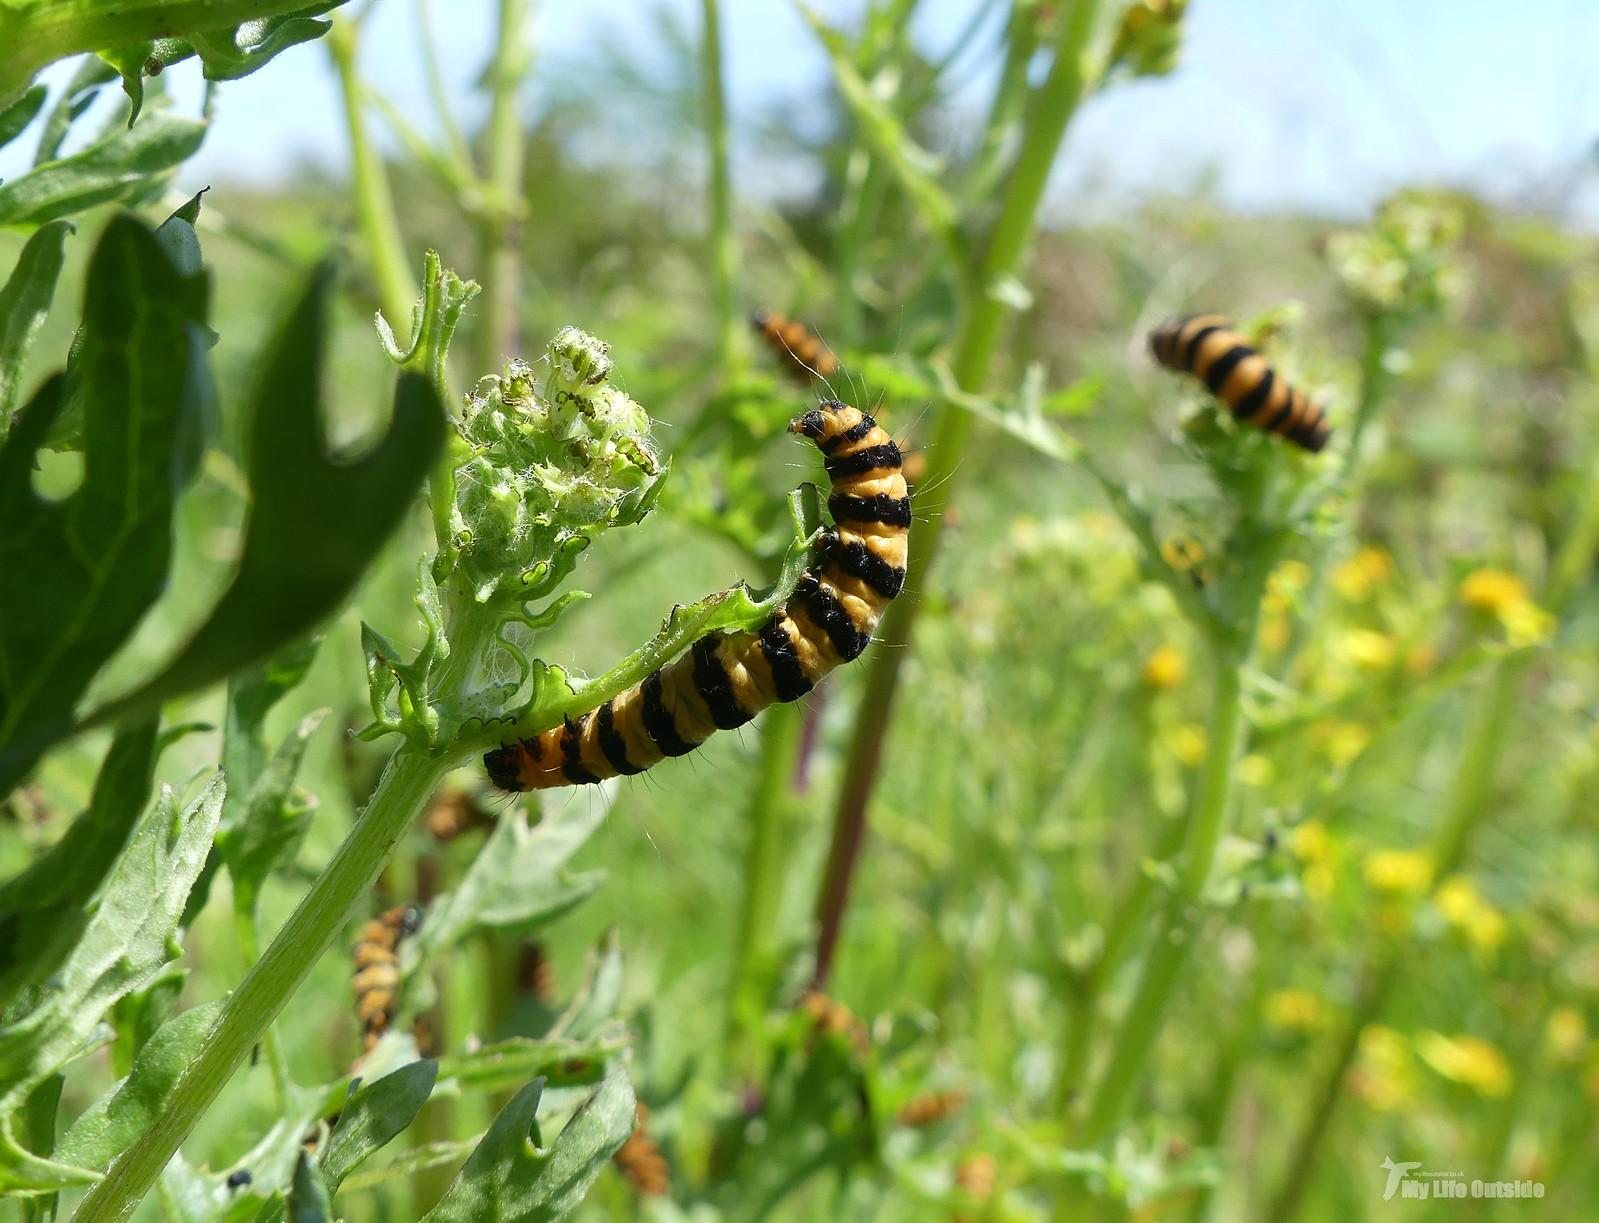 P1240287 - Cinnabar Moth caterpillars